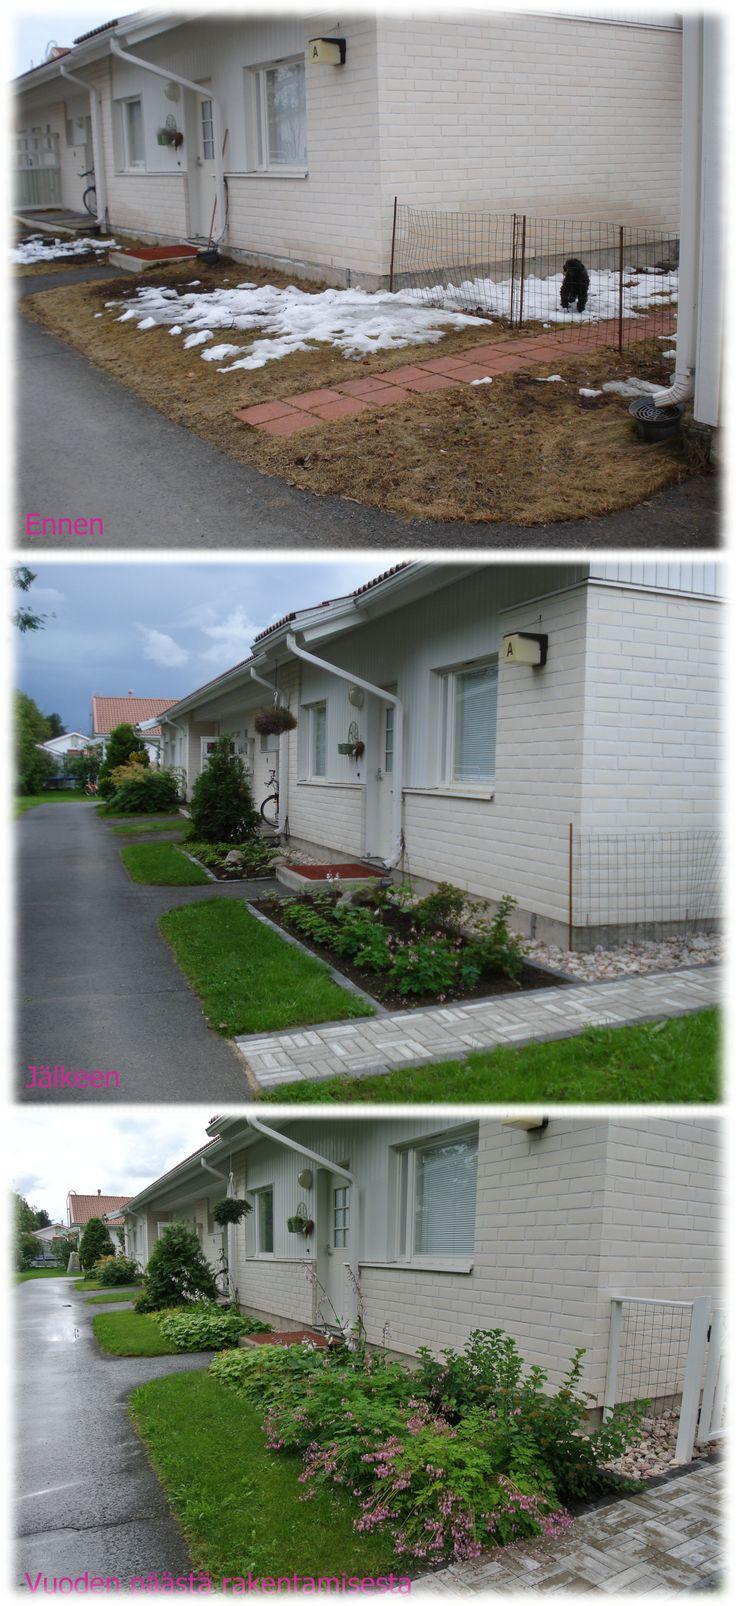 Rivitalon päätyasunnon etupiha - Front yard